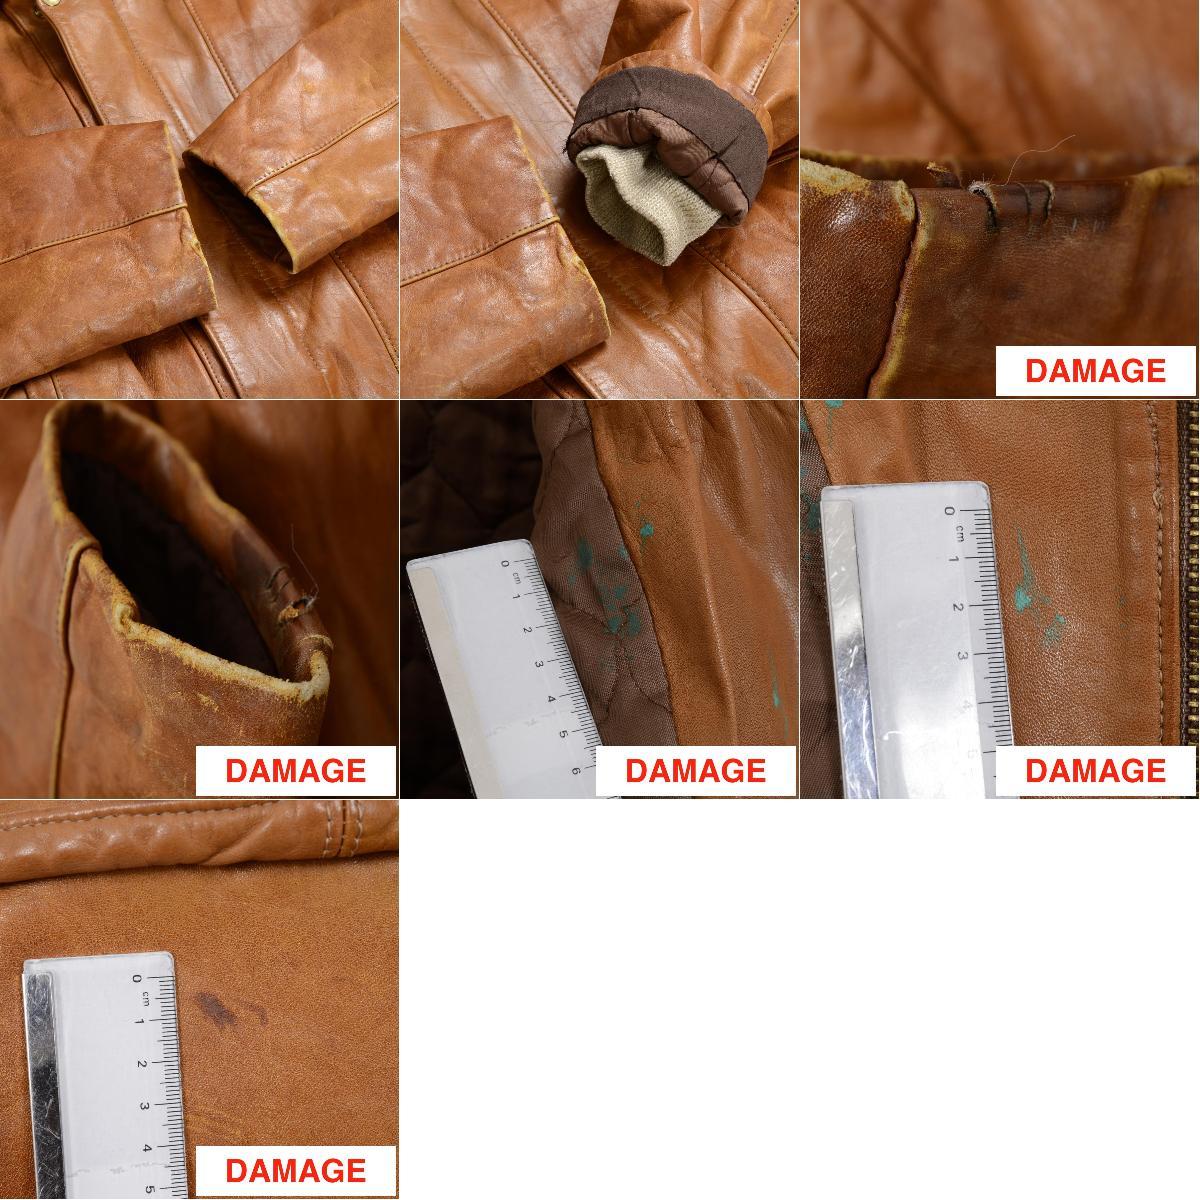 老式单自然舒适工艺皮革夹克 /ne8883